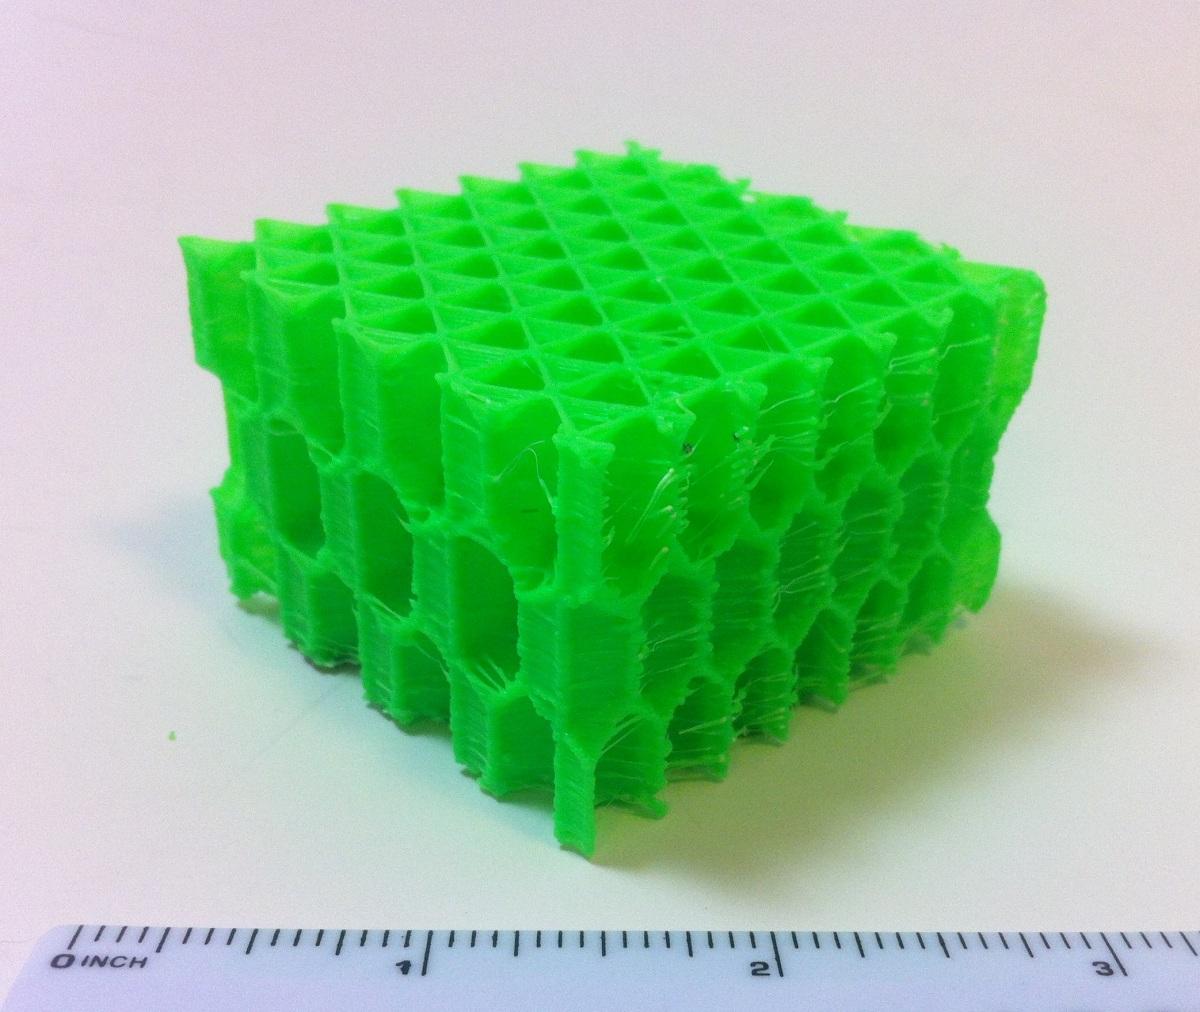 3D Printing a 3D Honeycomb Infill concept.